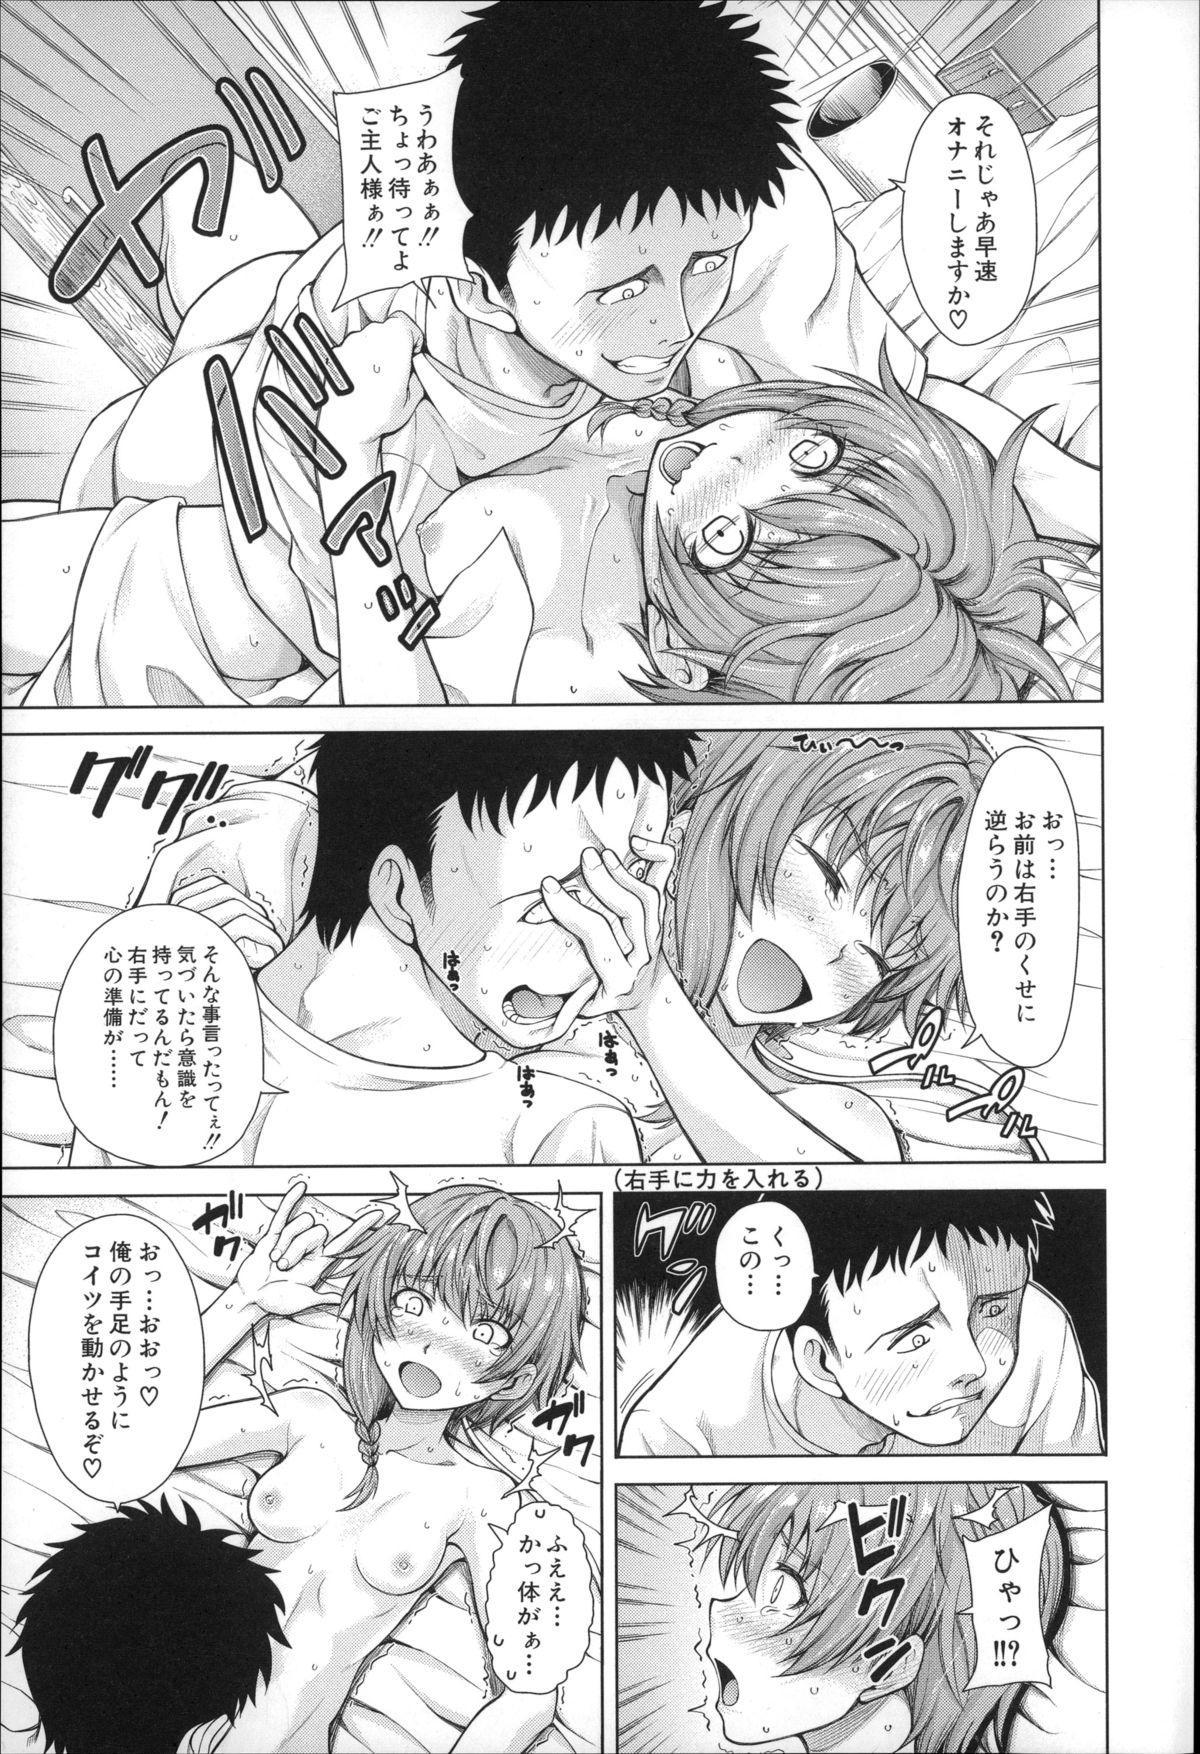 Migite ga Bishoujo ni Natta kara Sex Shita kedo Doutei dayone!! 11